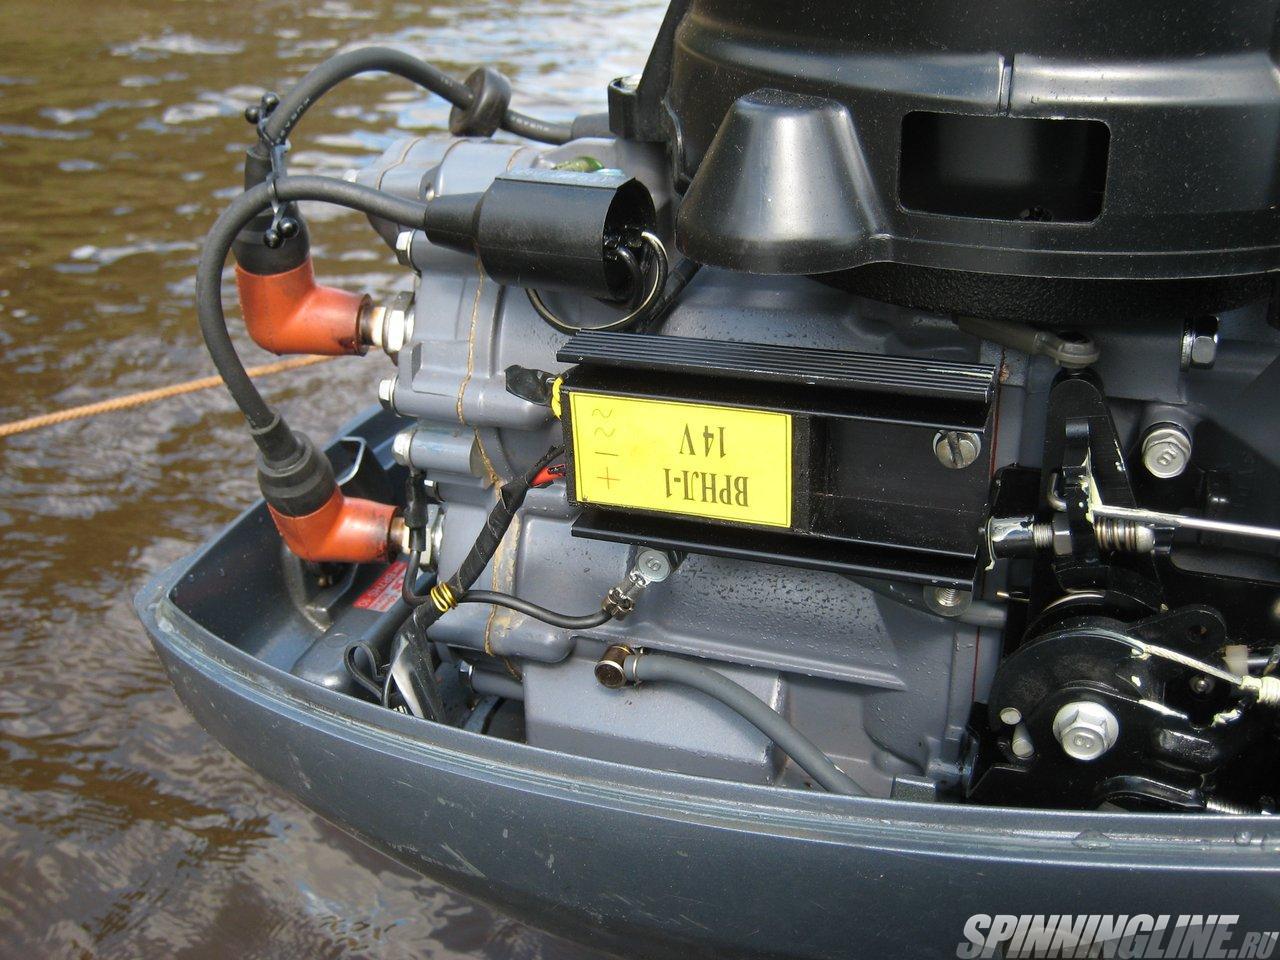 Выпрямитель на лодочный мотор своими руками